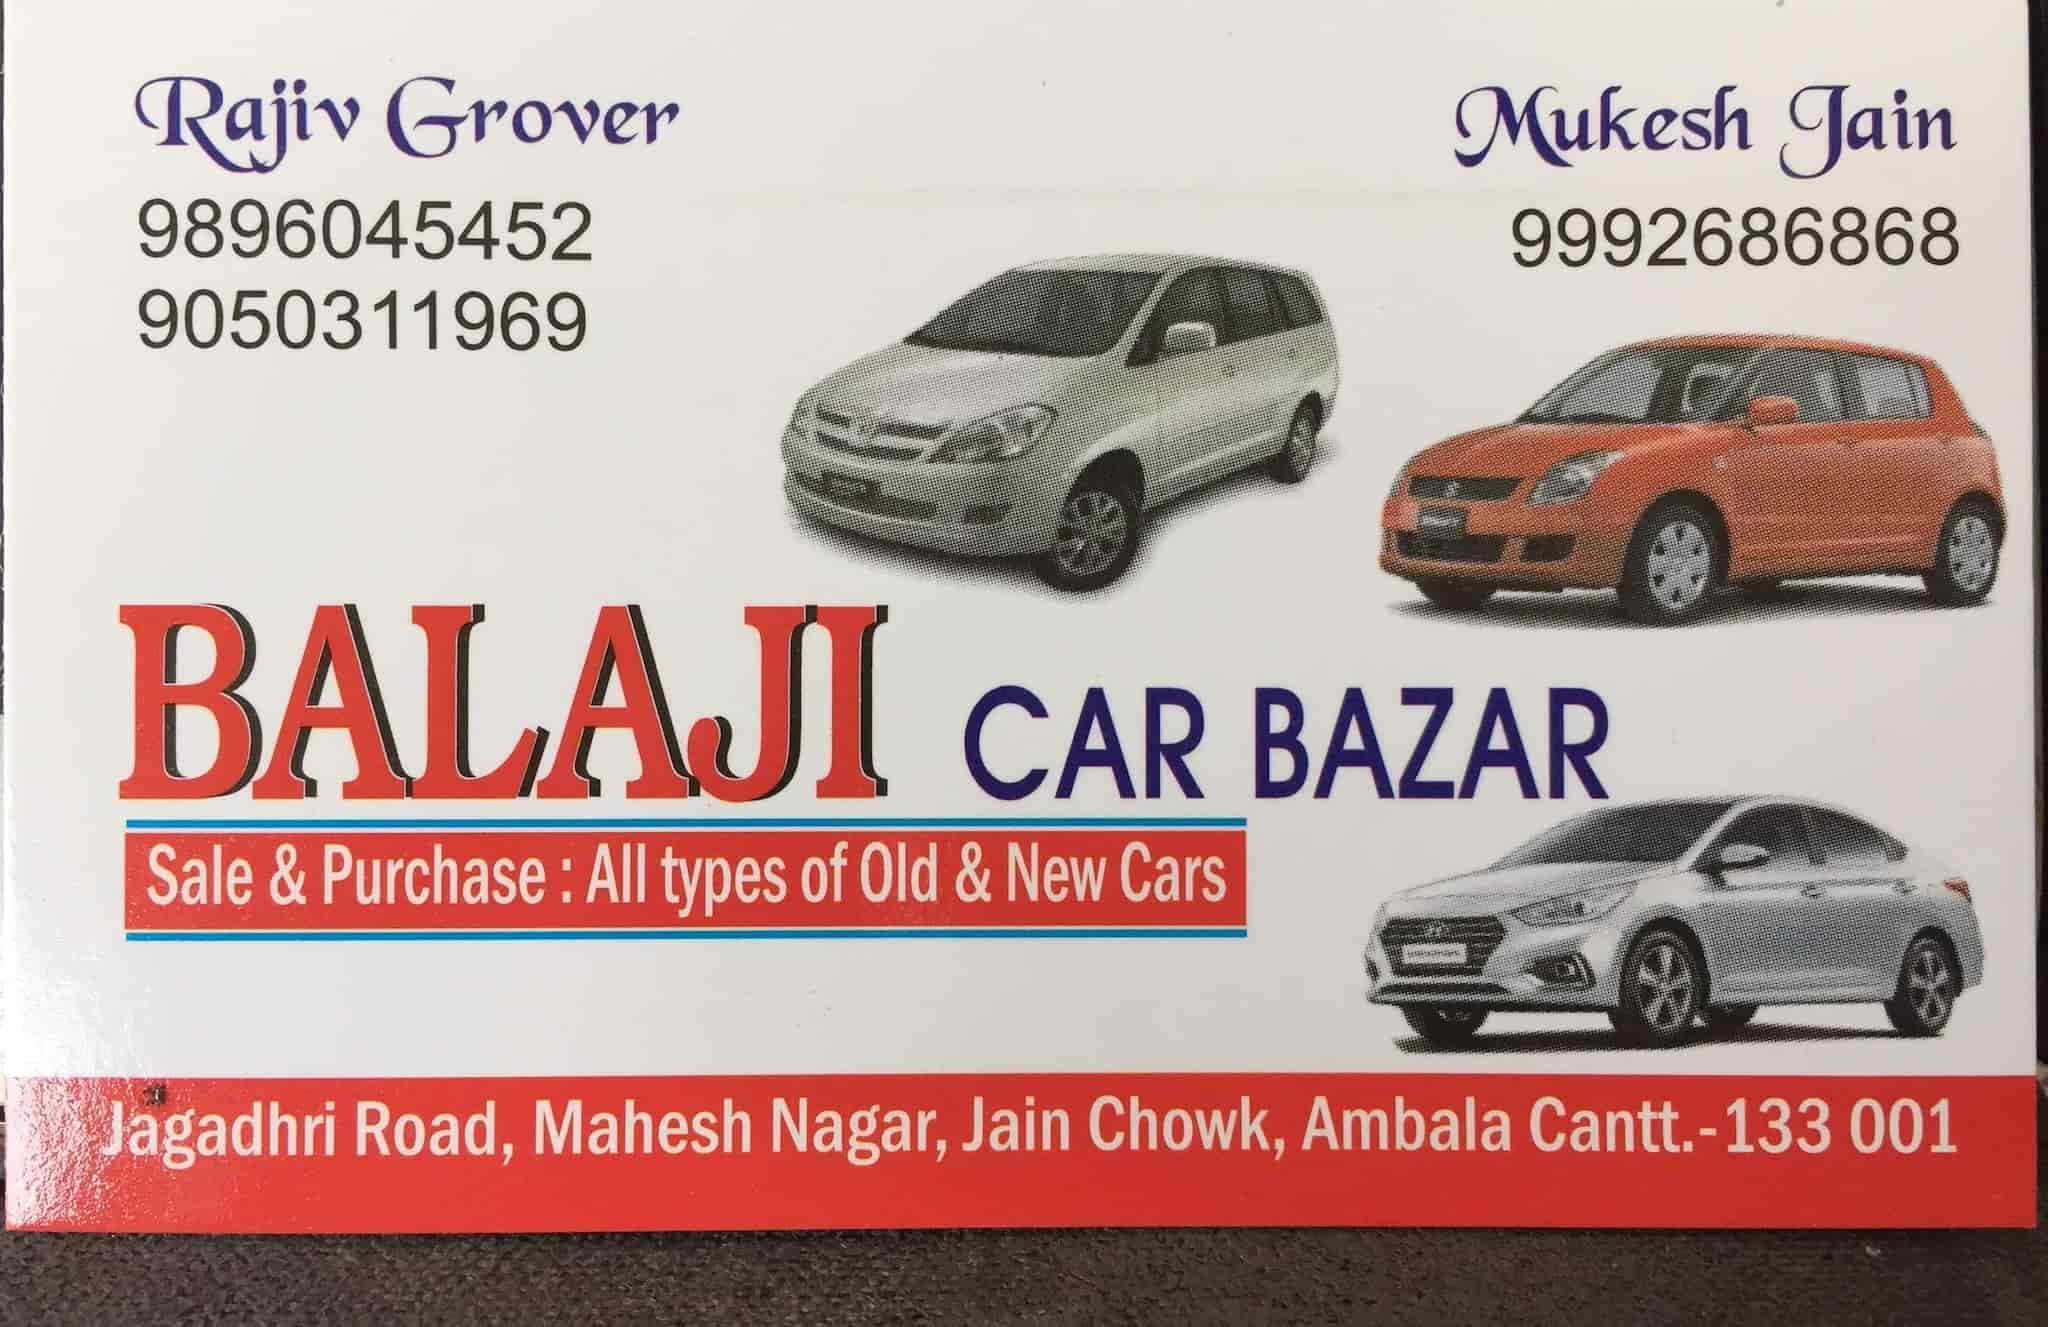 Balaji Car Bazaar, Ambala Cantt - Balaji Car Bazar - Second Hand Car ...